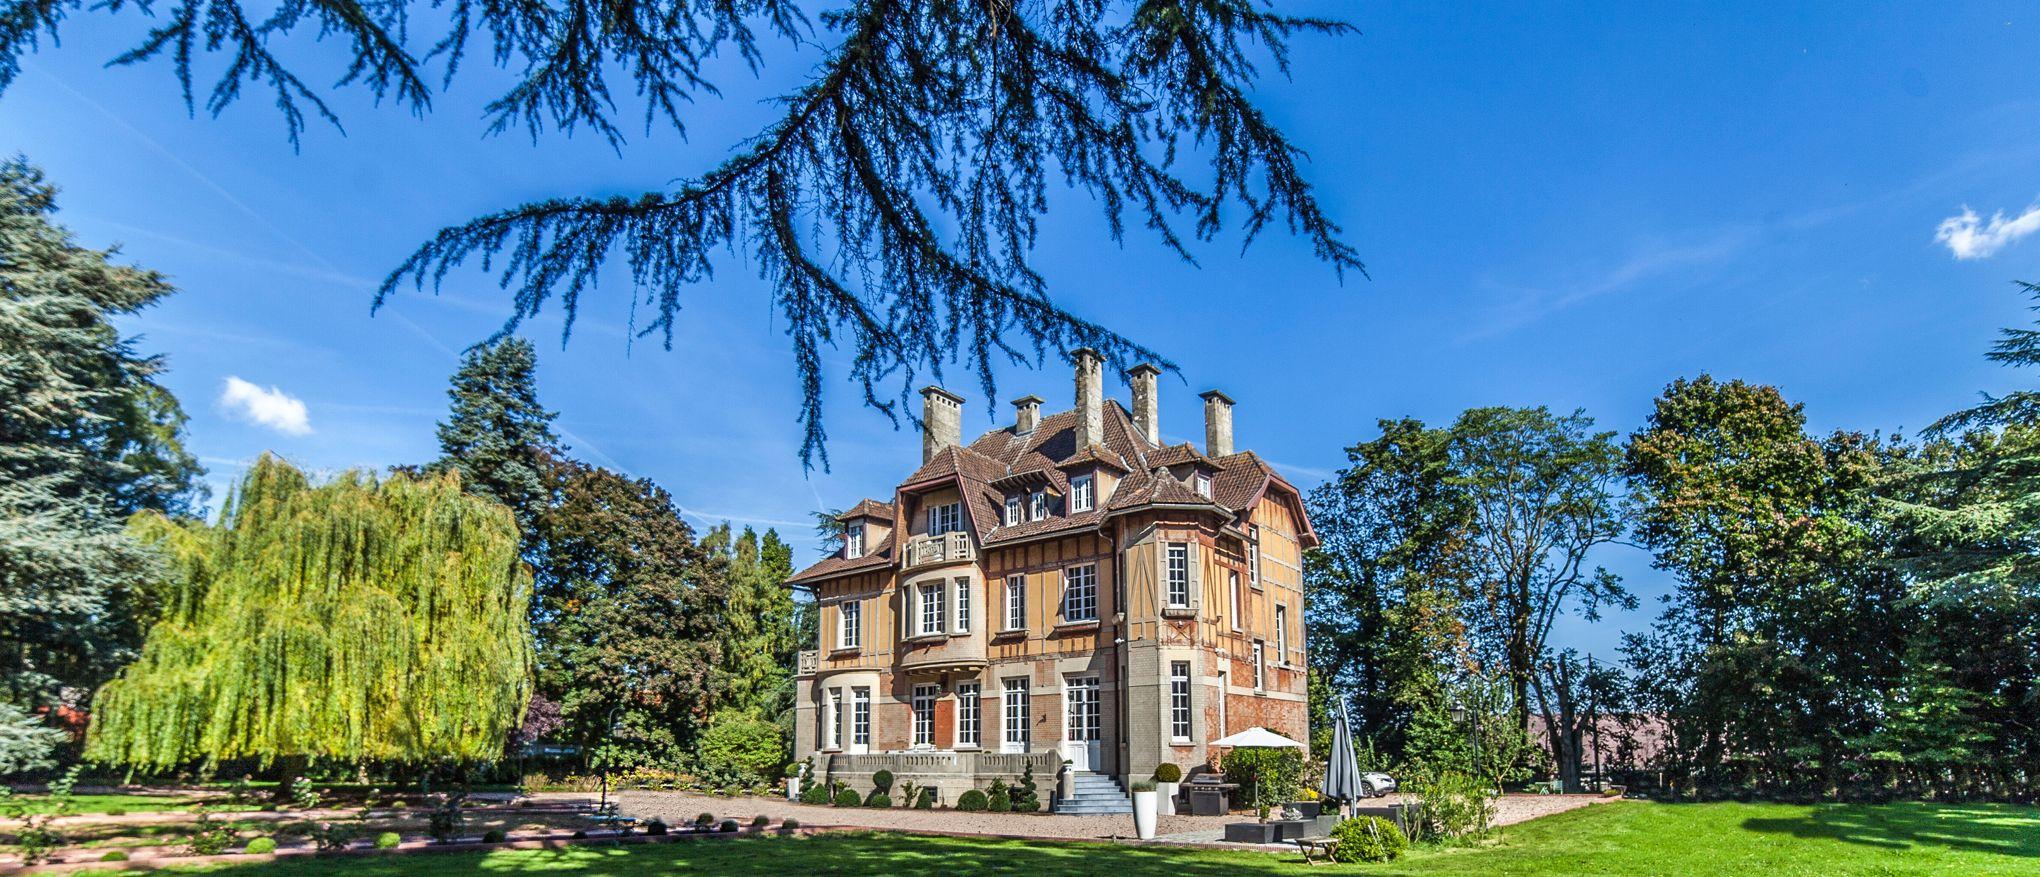 Nos plus belles chambres d h´tes dans le Nord Est & Žle de France